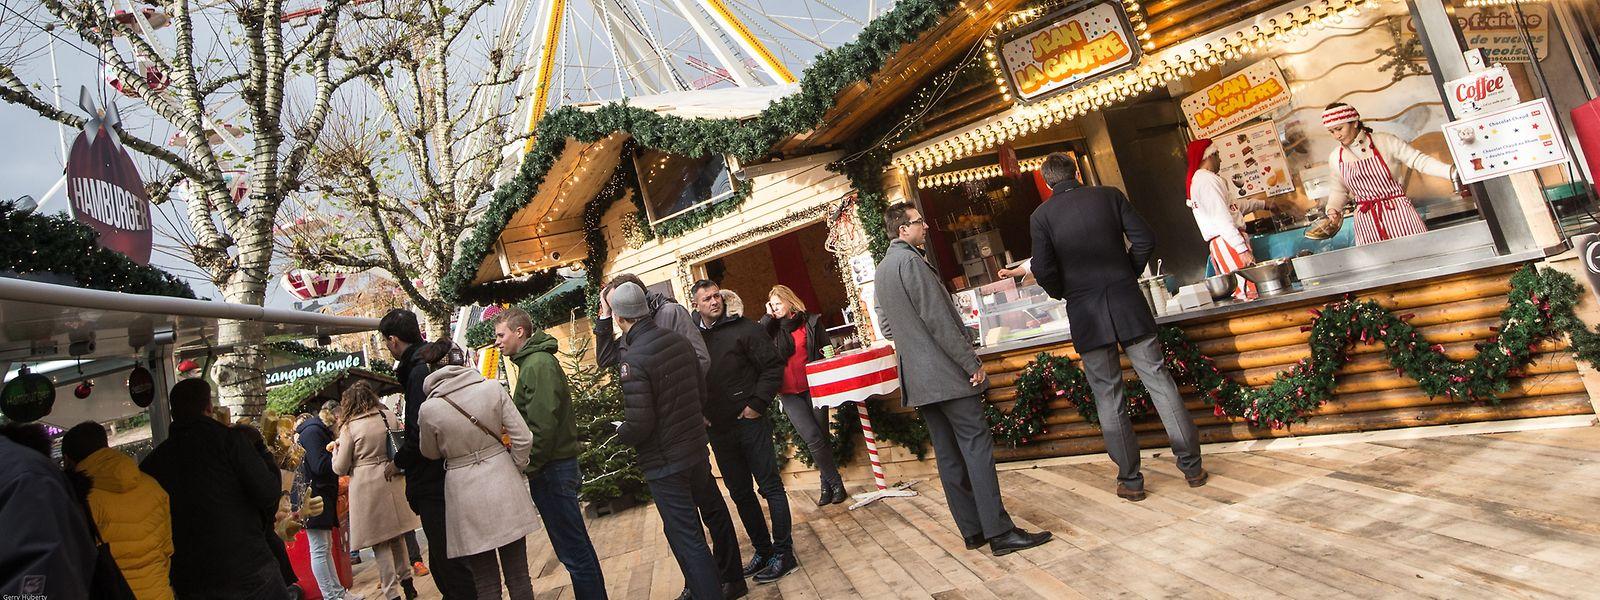 In manchen Gemeinden sind die Weihnachtsmärkte bereits geöffnet.